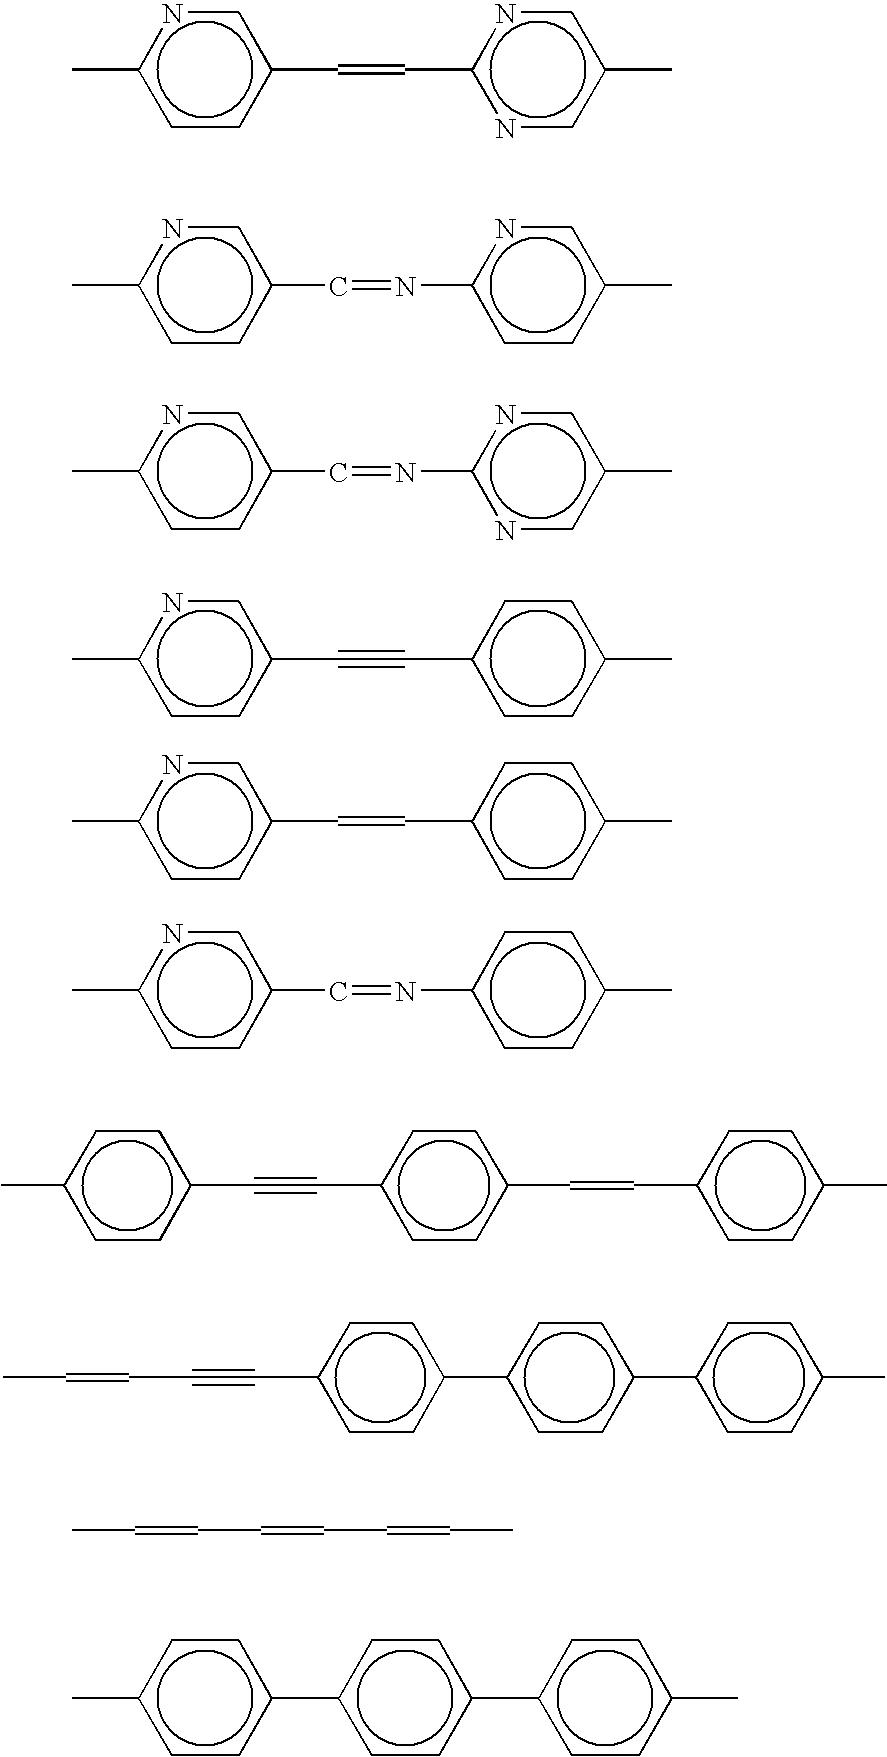 Figure US20050202273A1-20050915-C00011